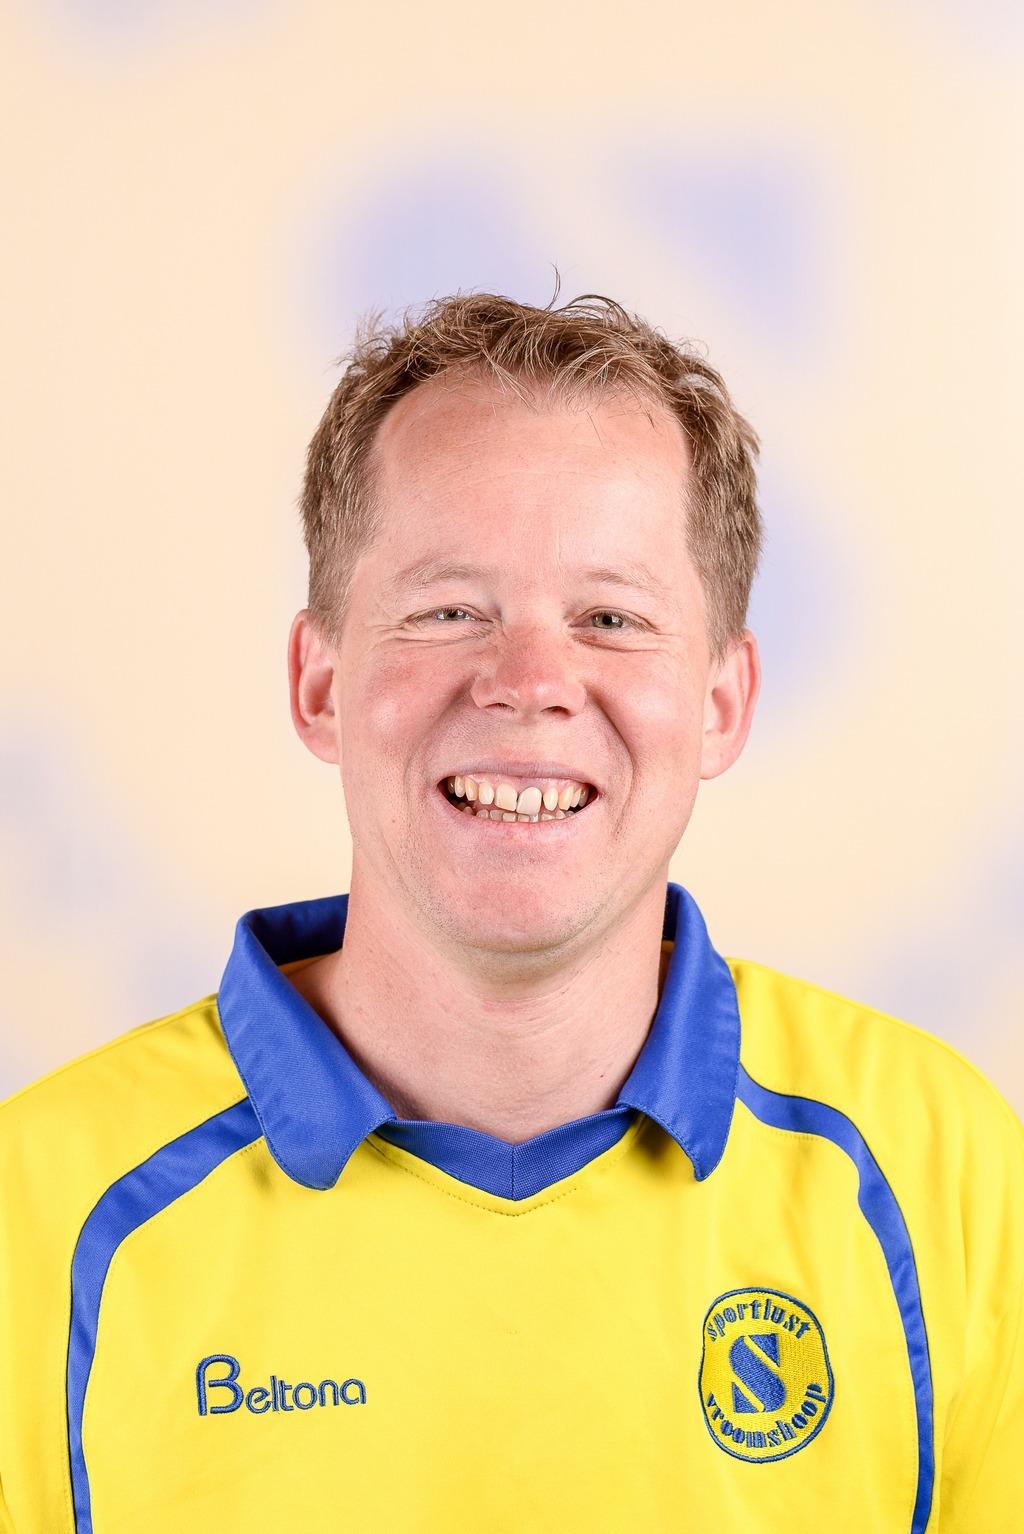 Herman Veerkamp